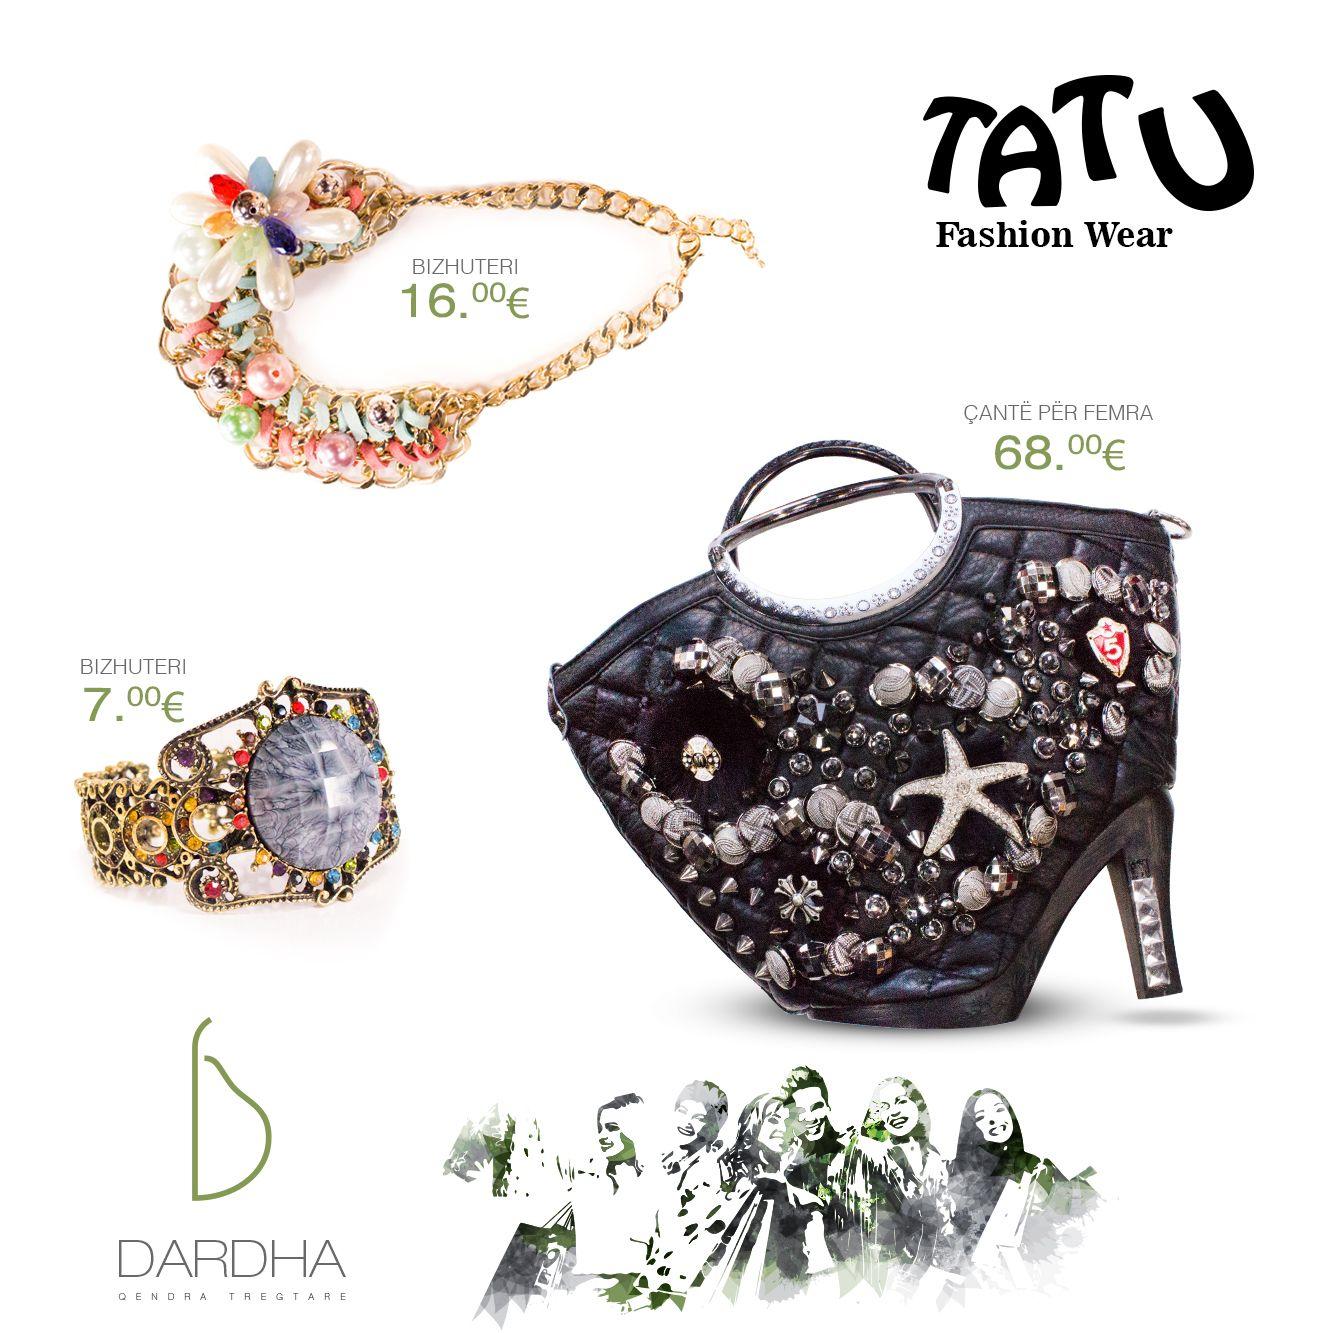 TATU_ Fashion_ Wear_Oferta_Qendra_Dardha